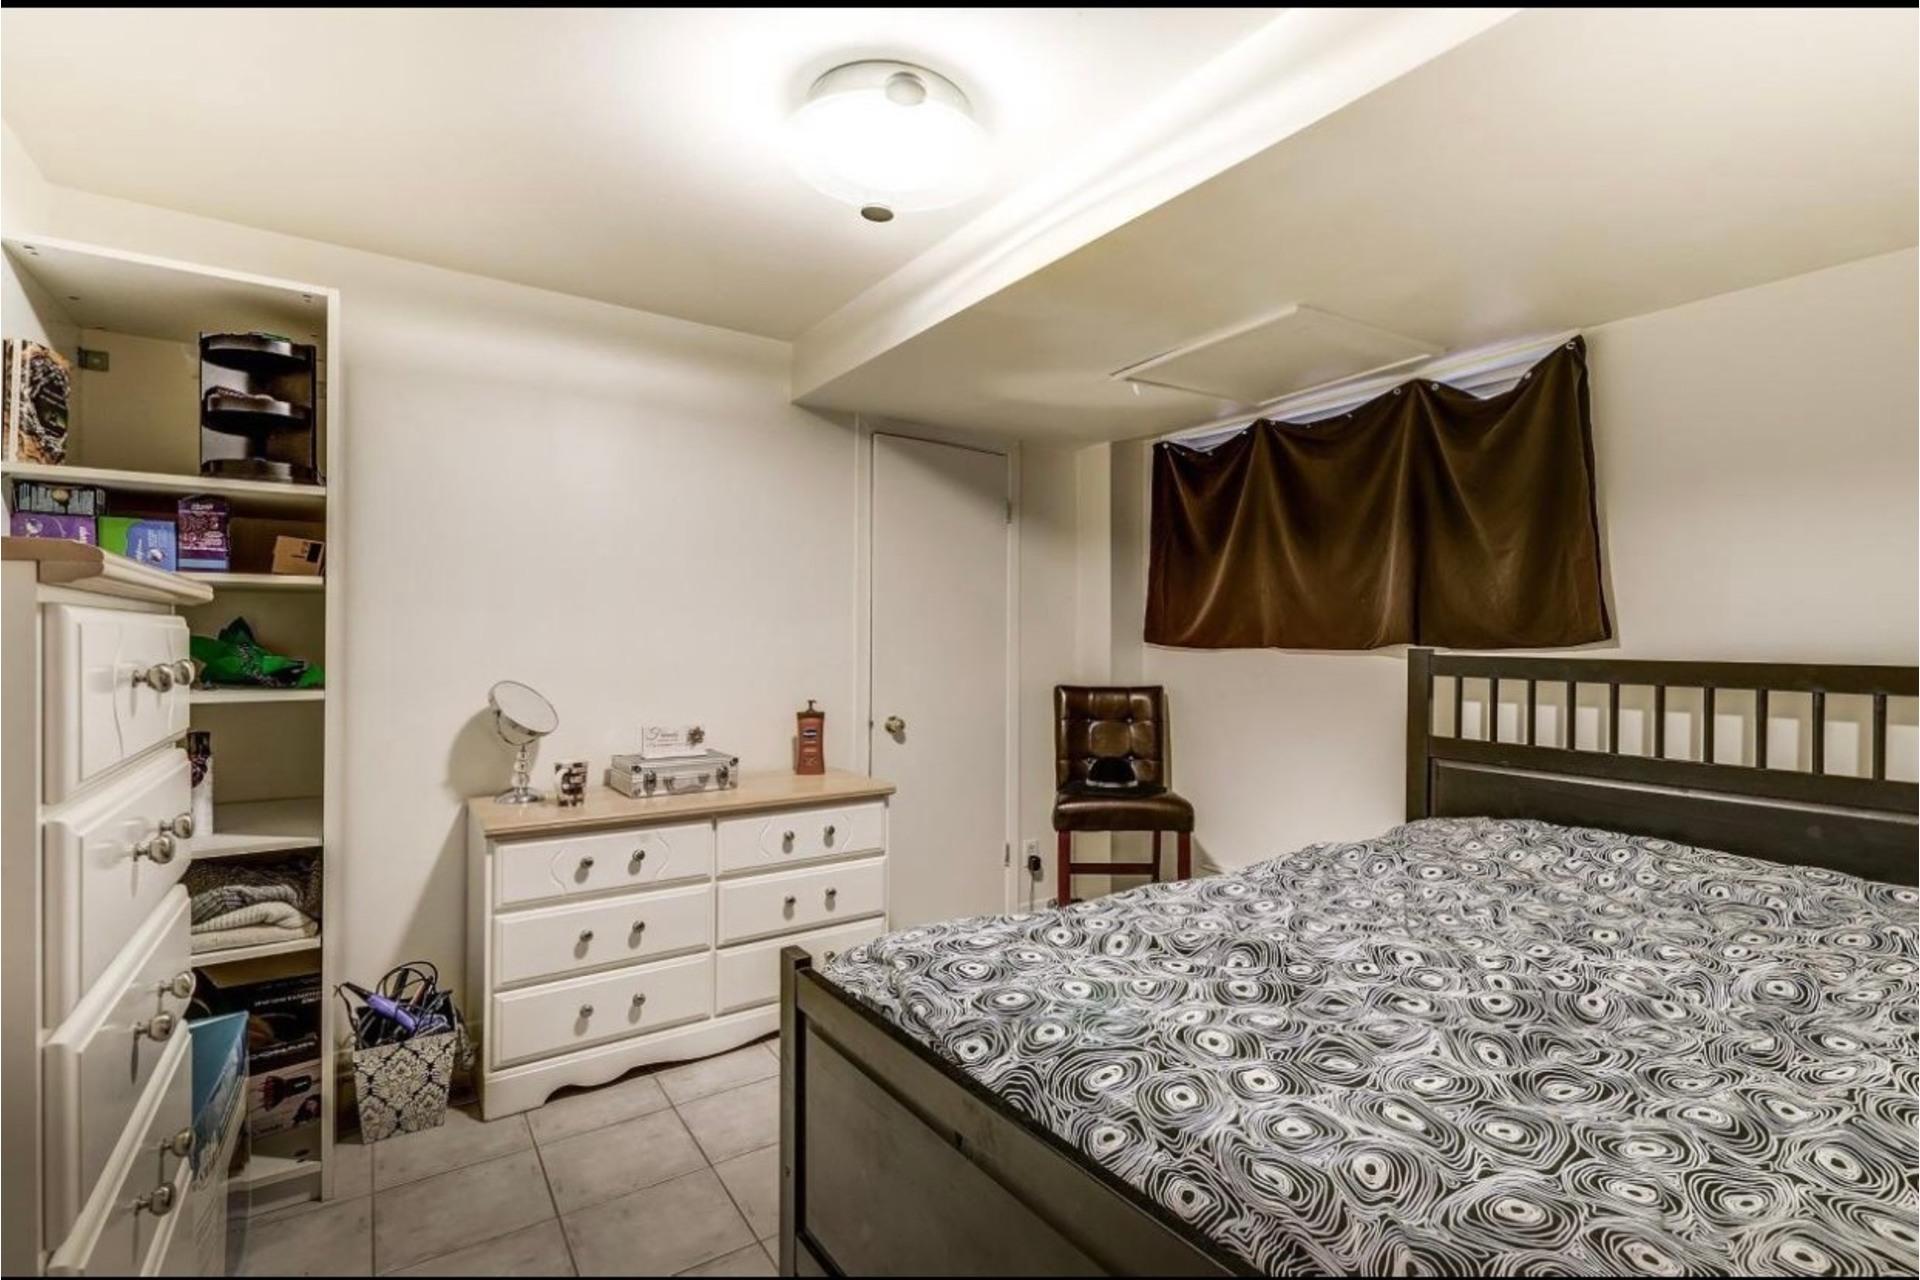 image 2 - Apartment For rent Côte-des-Neiges/Notre-Dame-de-Grâce Montréal  - 5 rooms